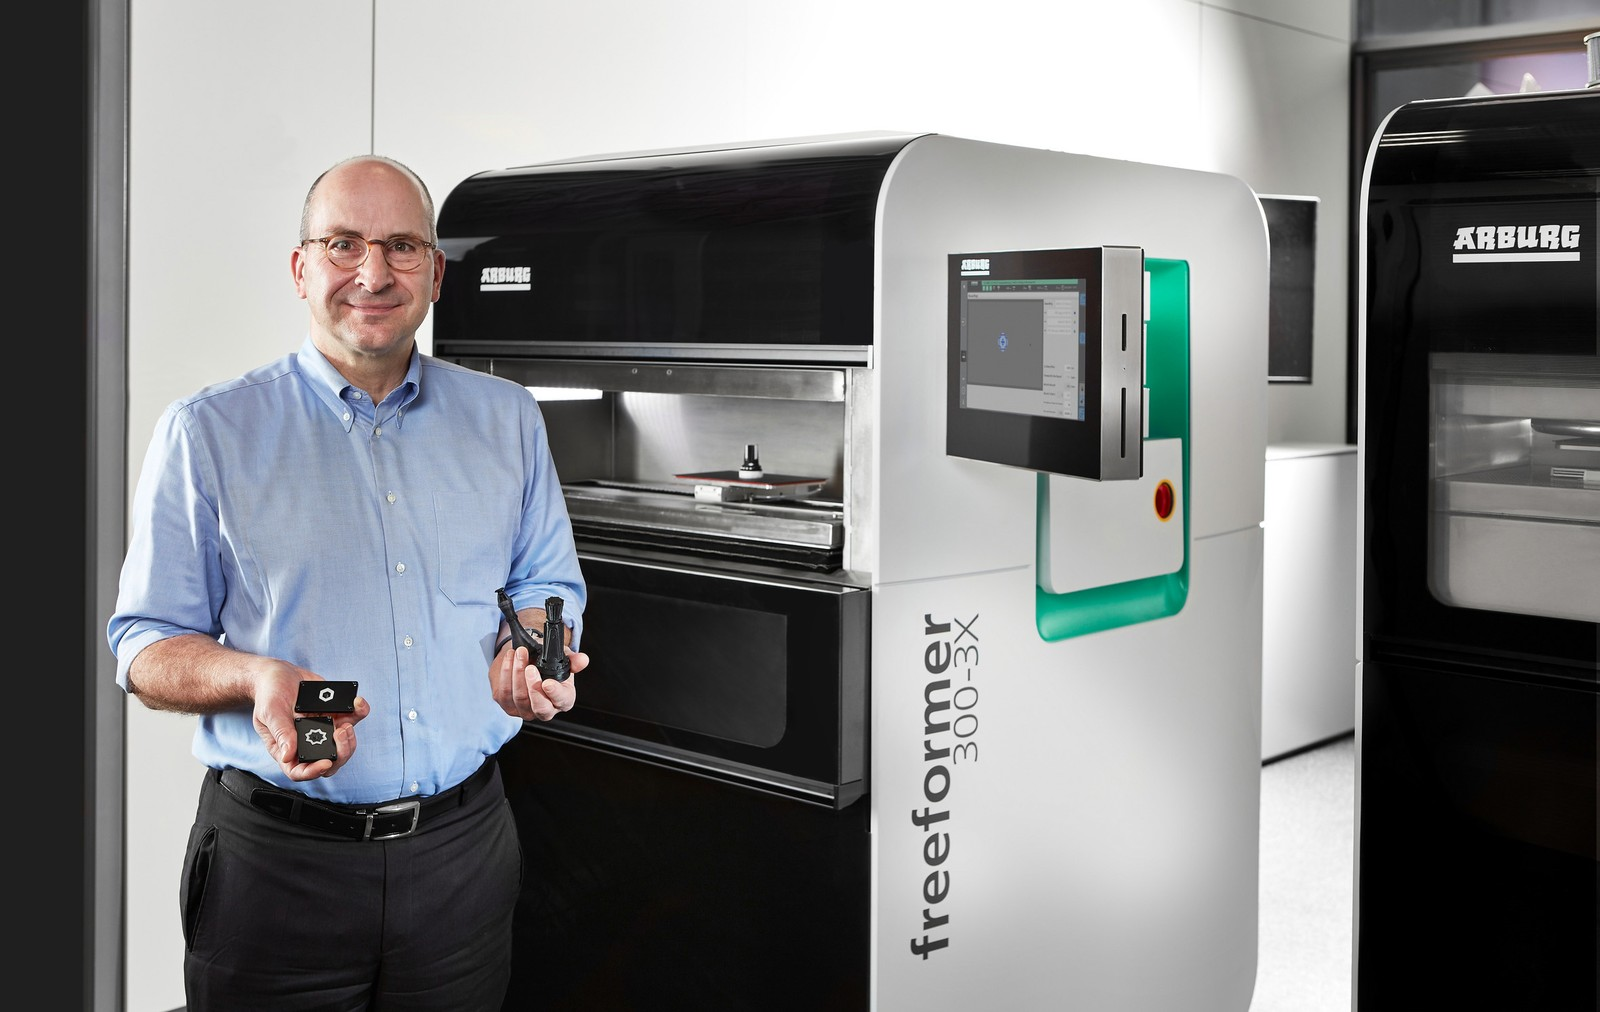 """""""In unserer neuen 'AM Factory' zeigen wir vollautomatisiertes, vernetztes und zu 100 Prozent rückverfolgbares Additive Manufacturing."""", erklärt Heinz Gaub, Geschäftsführer Technik bei Arburg."""